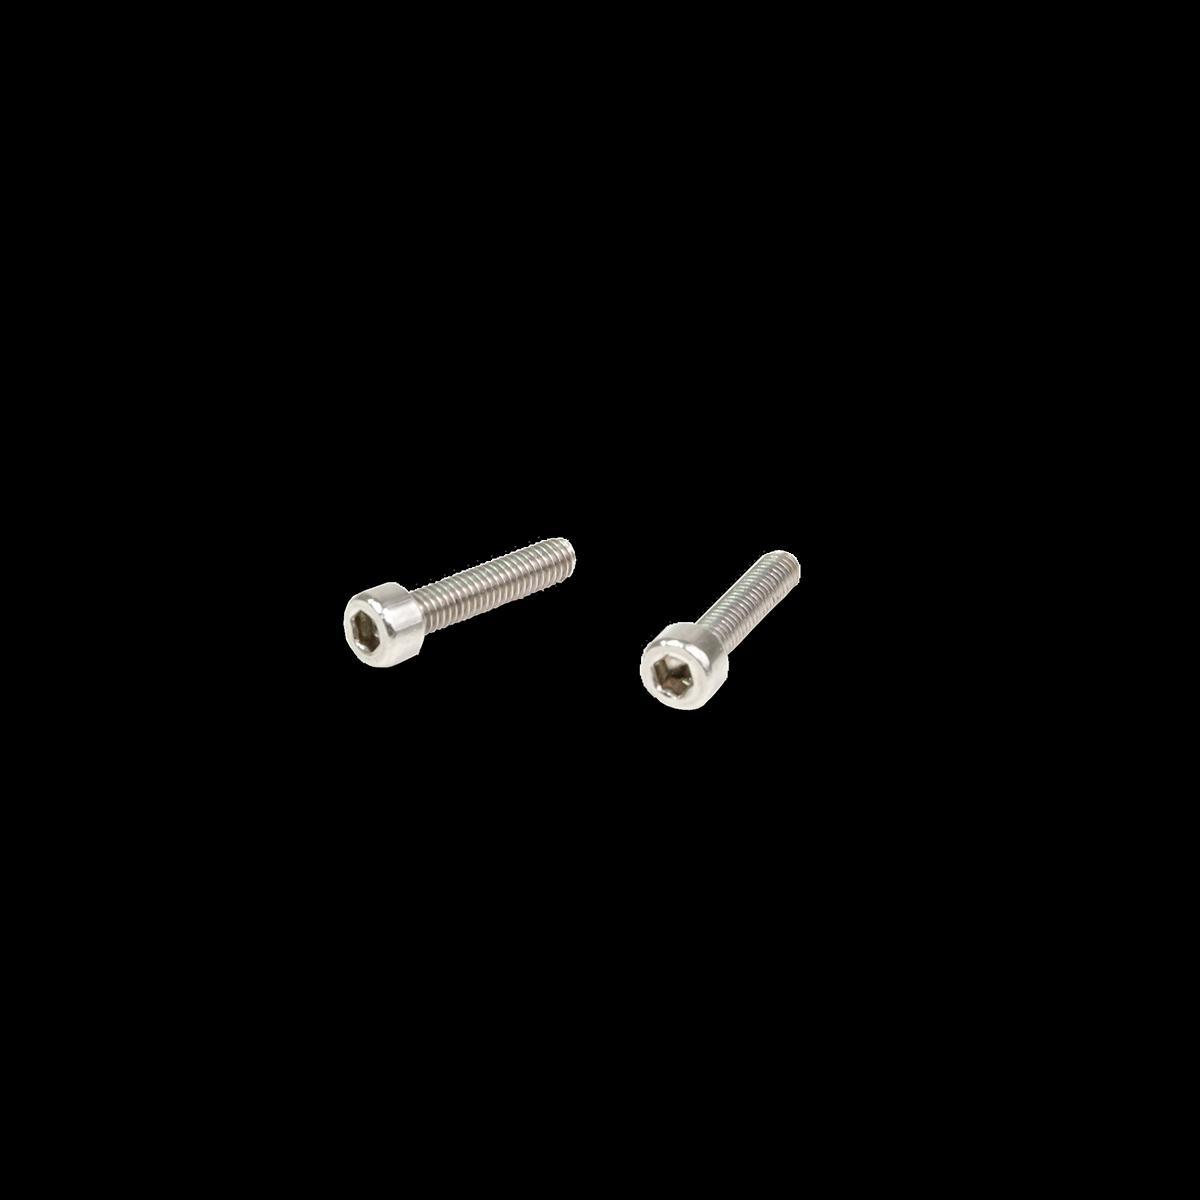 Espire Elbow Lamination Clamp Screws (2pc) M2.5 x 12mm